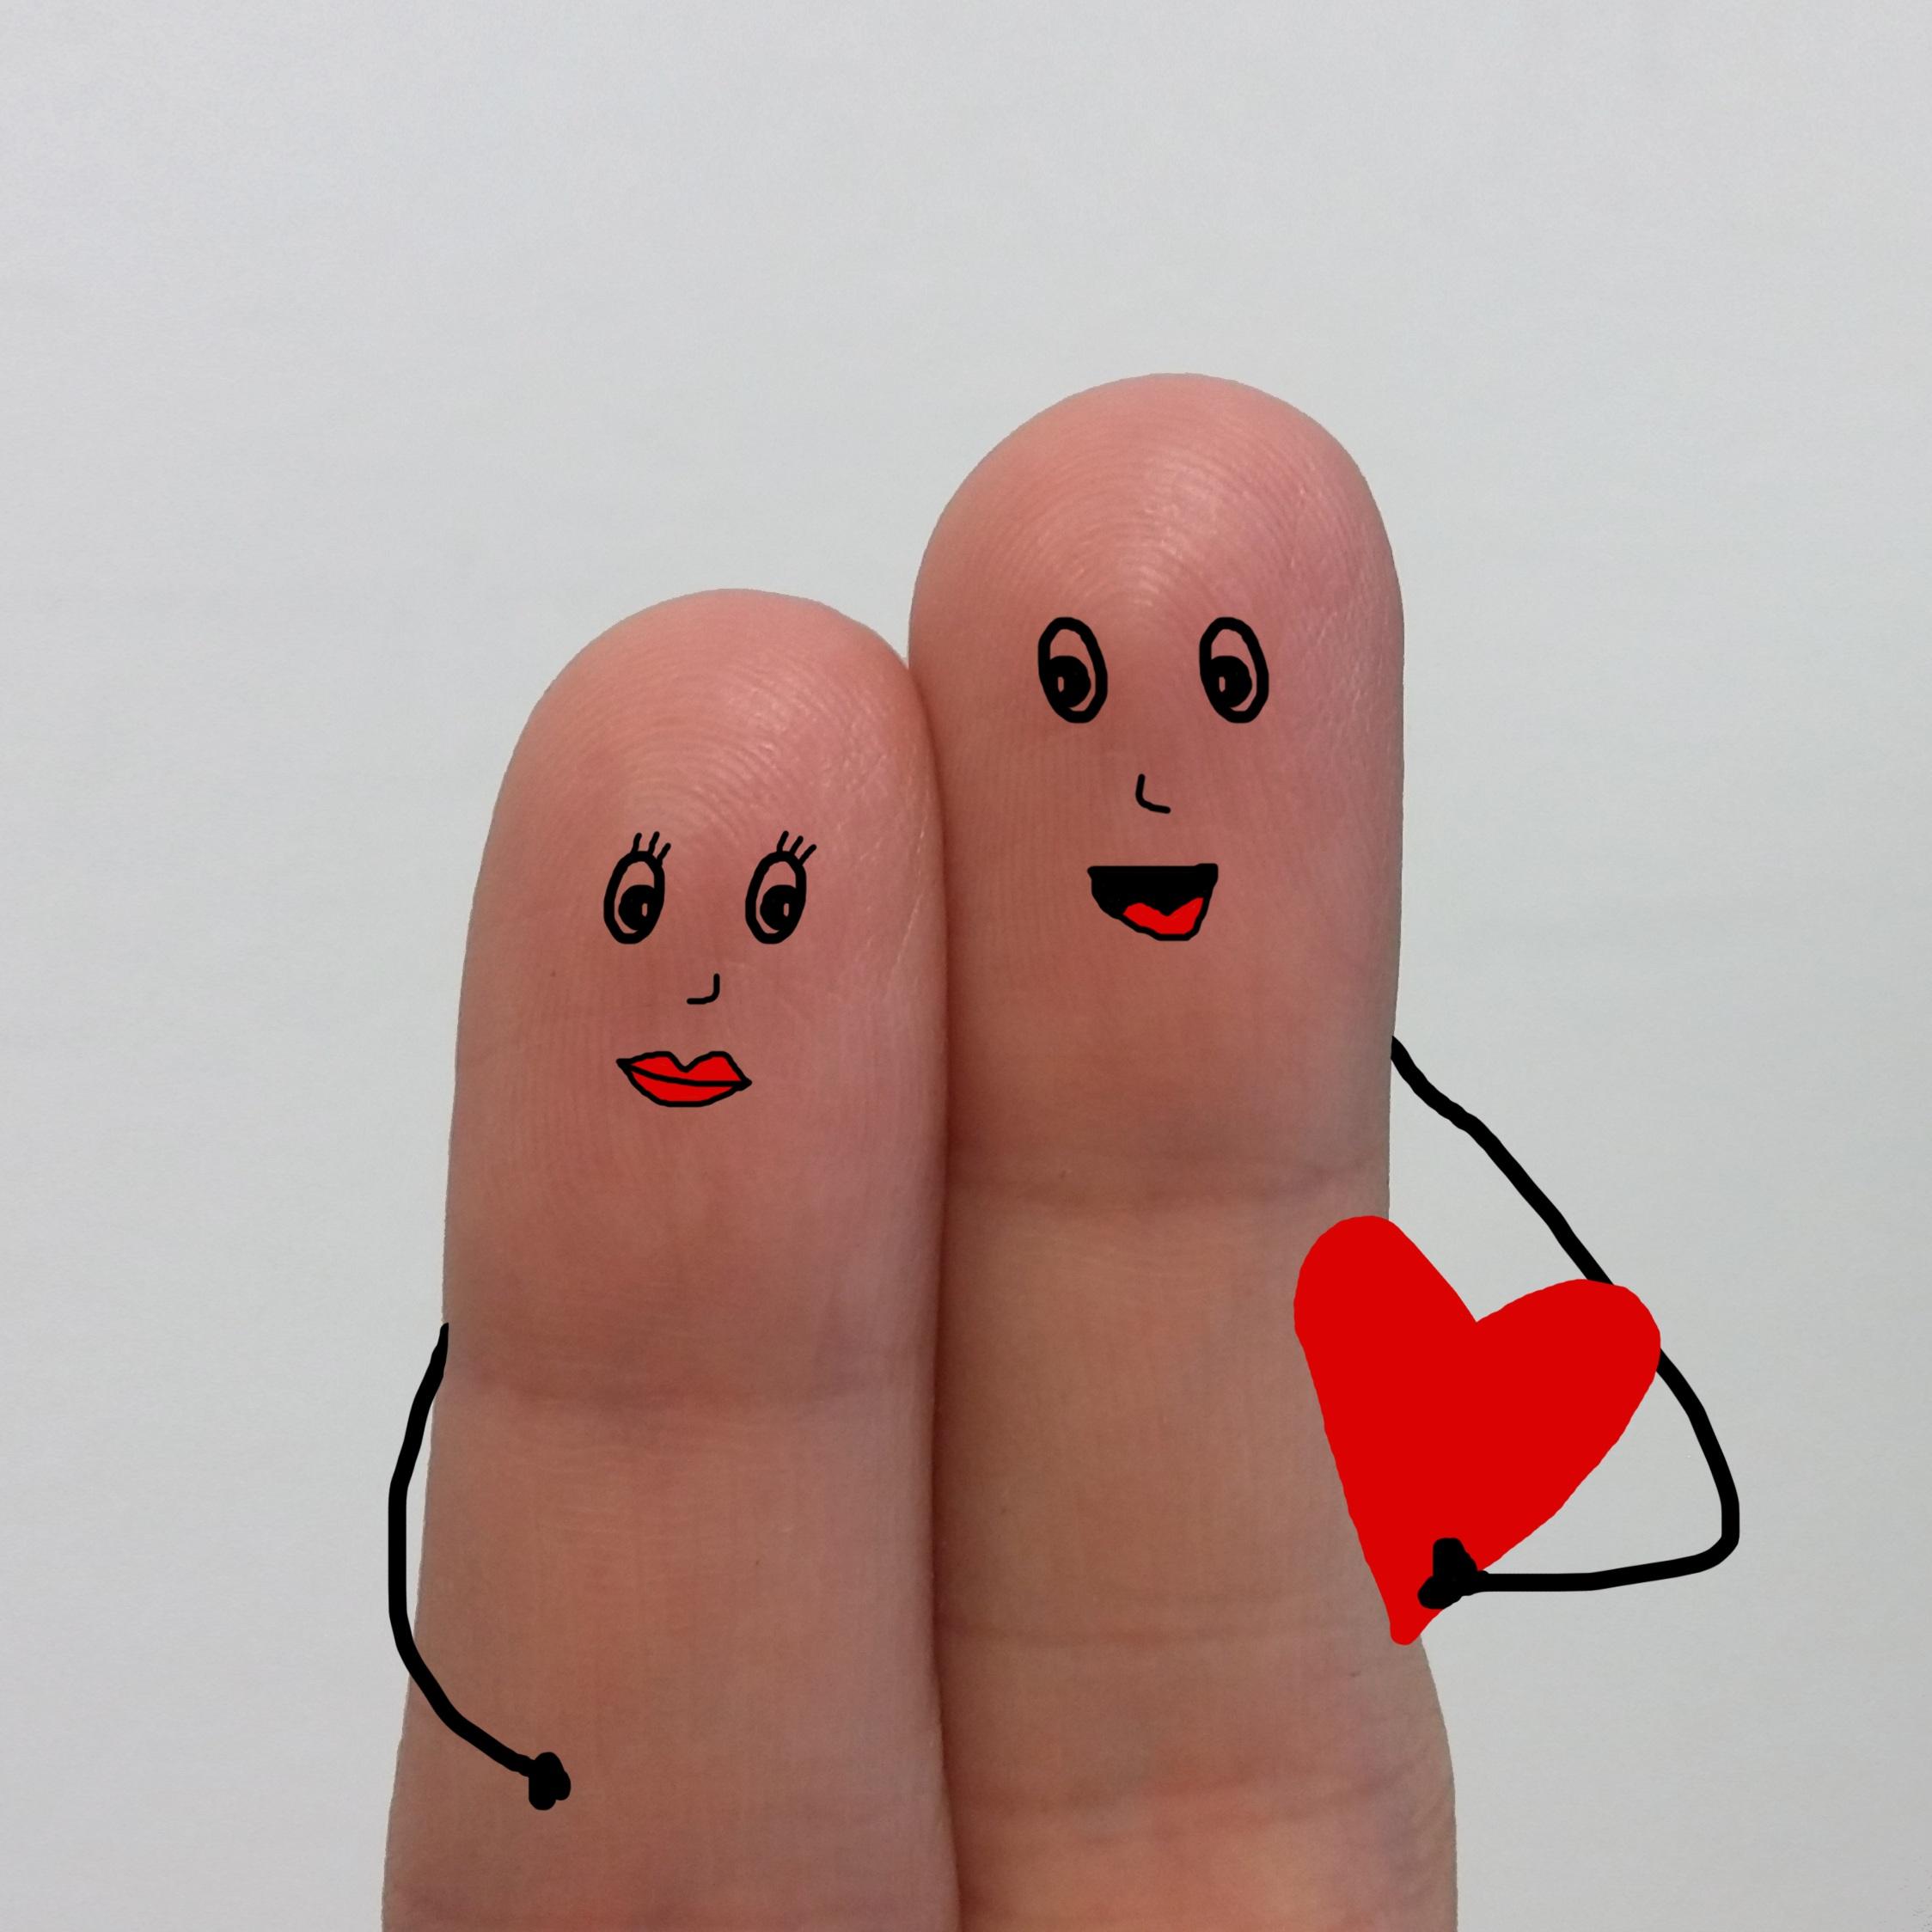 Gambar Tangan Jantung Jari Sepasang Percintaan Berwarna Merah